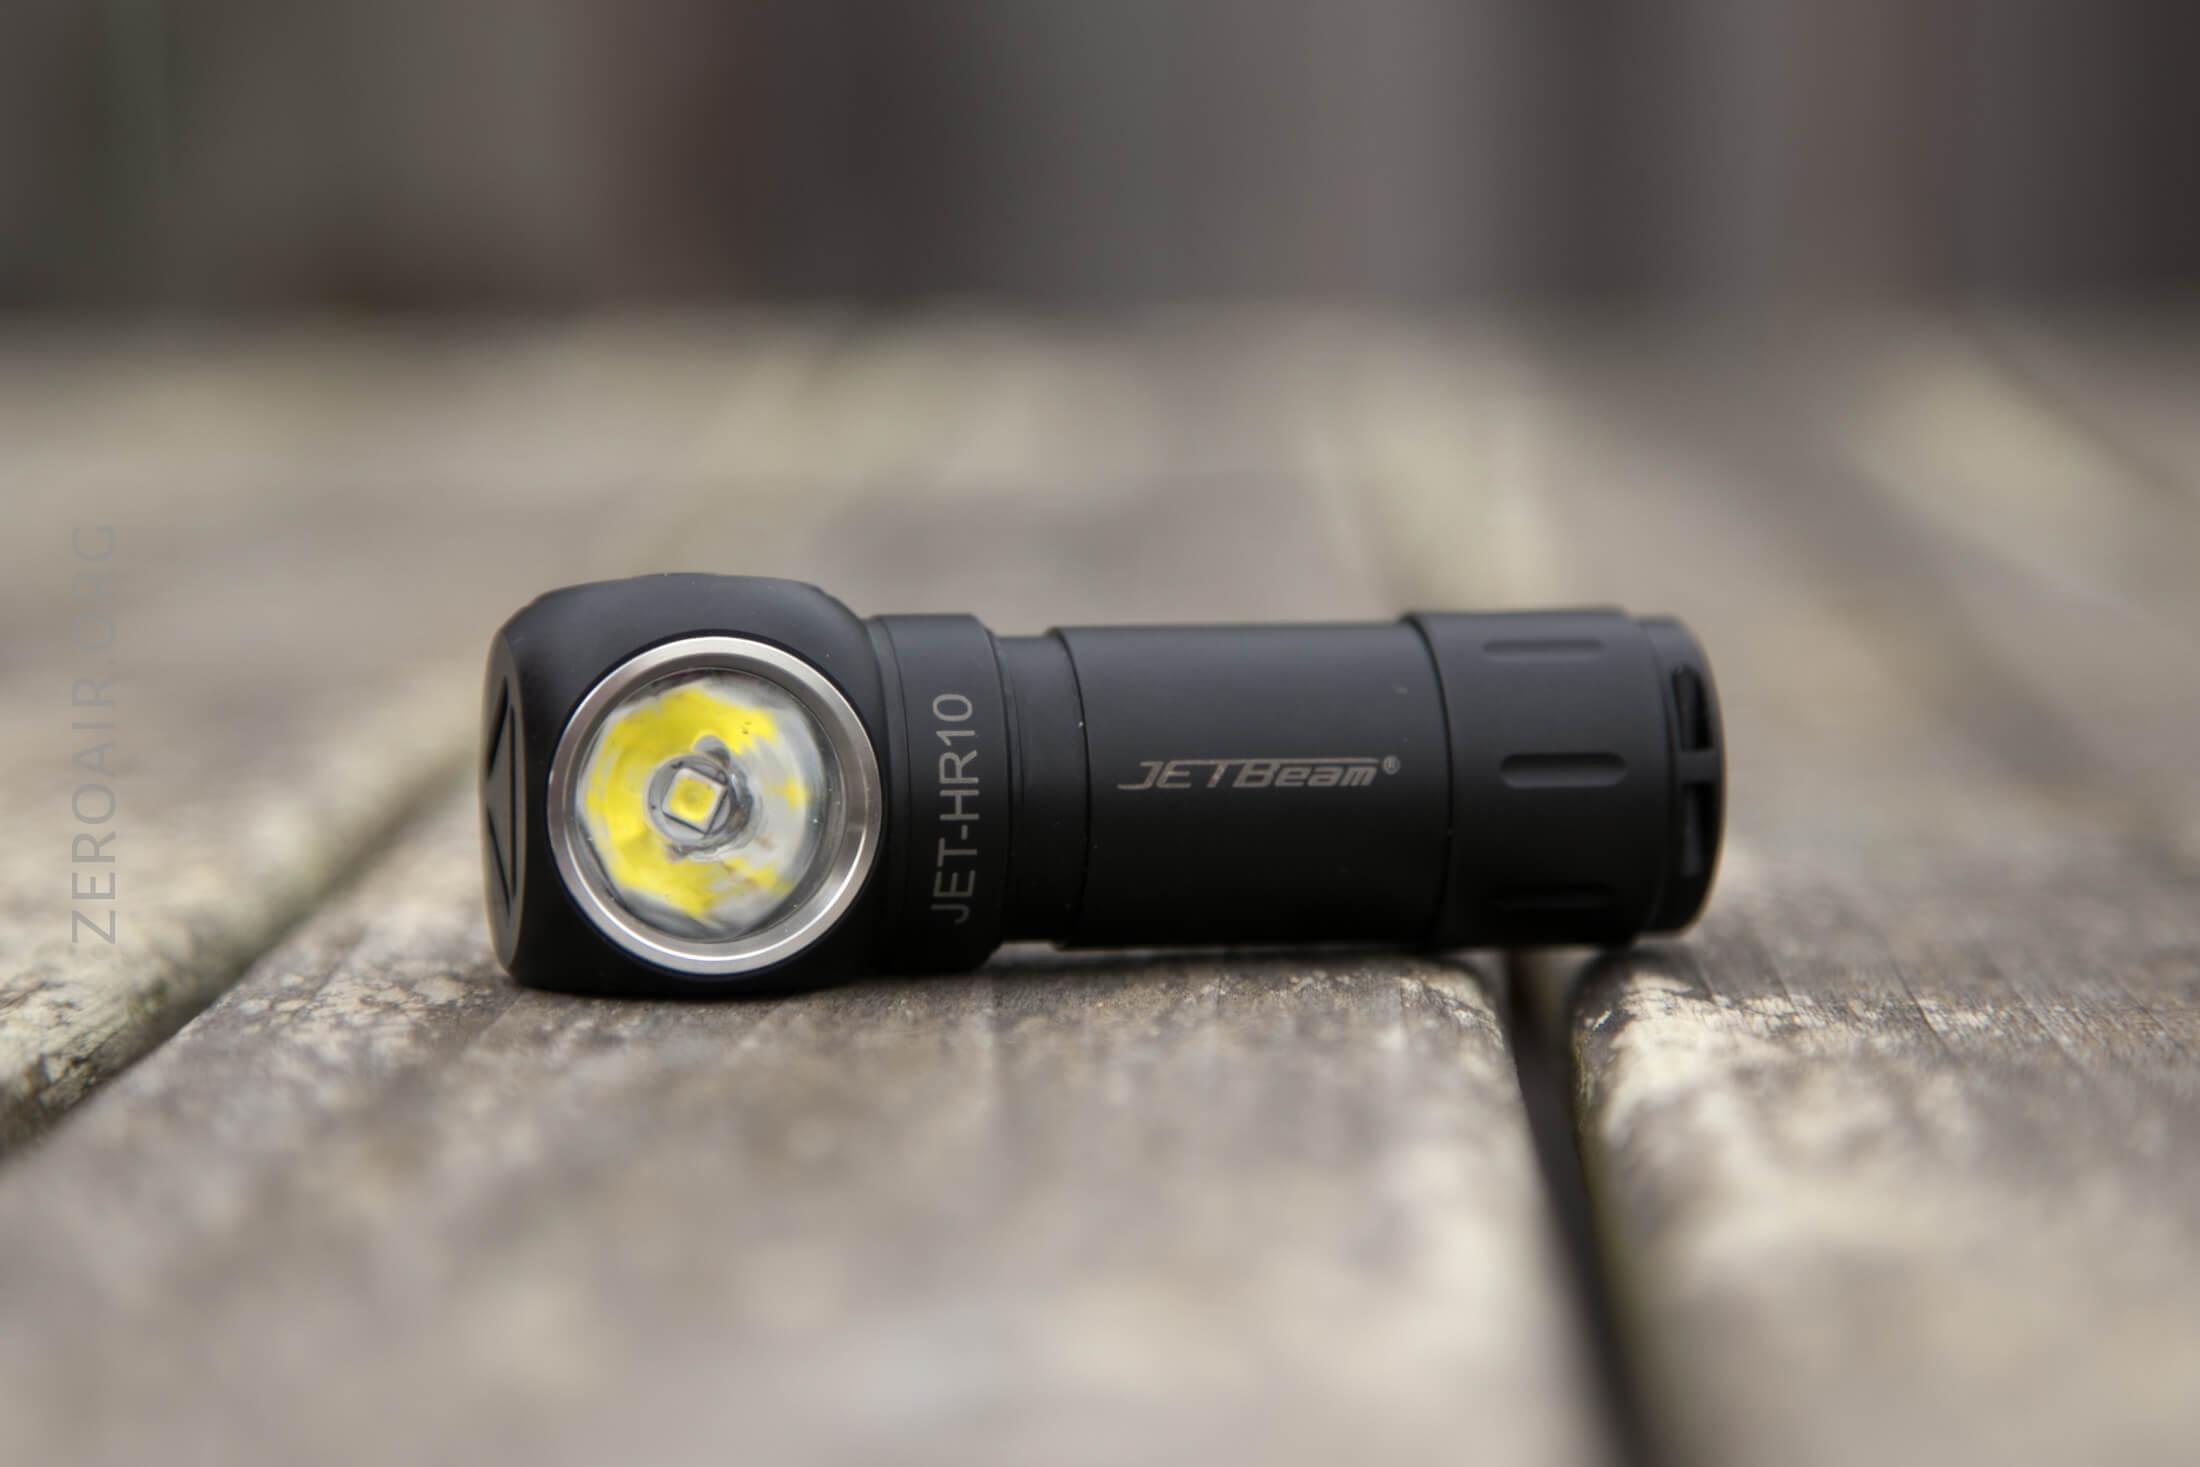 JETBeam HR10 Headlamp Review - ZeroAir Reviews